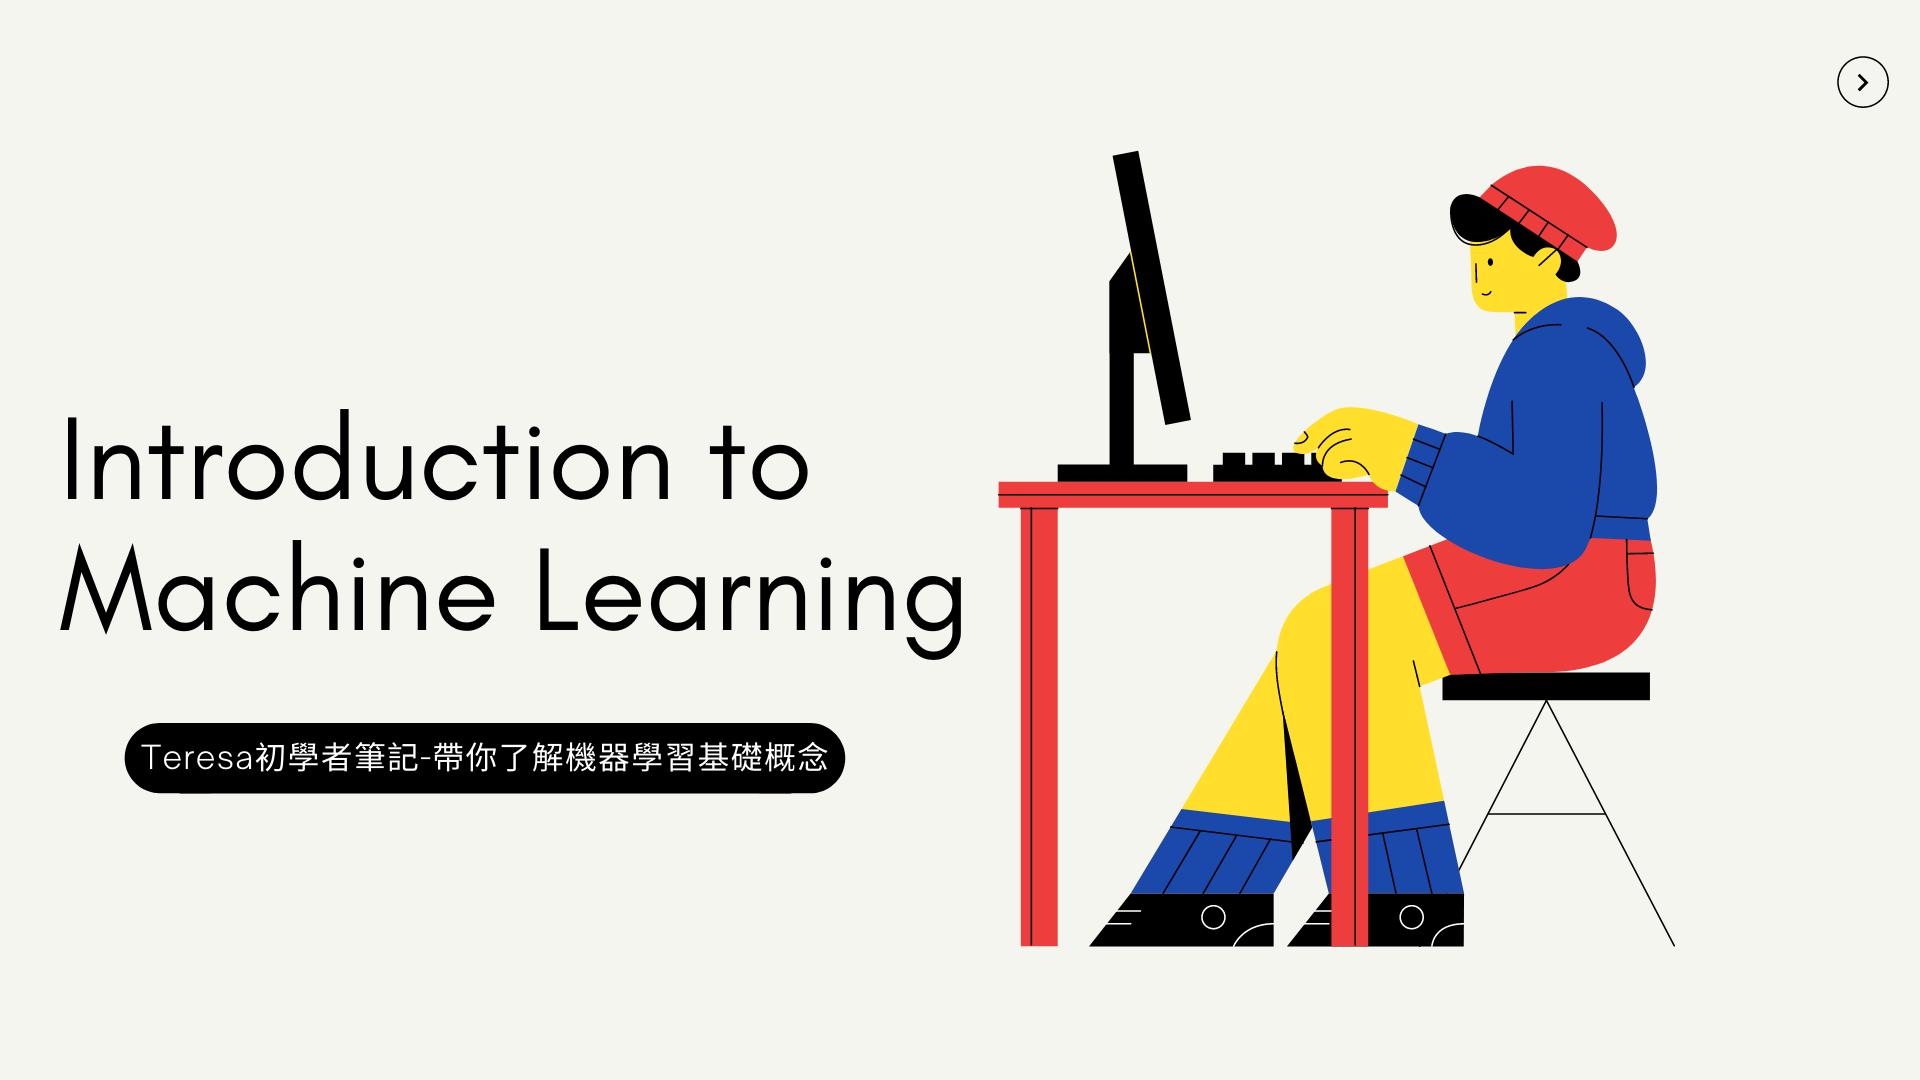 機器學習從零開始-簡單認識基礎概念 | Teresa初學者筆記